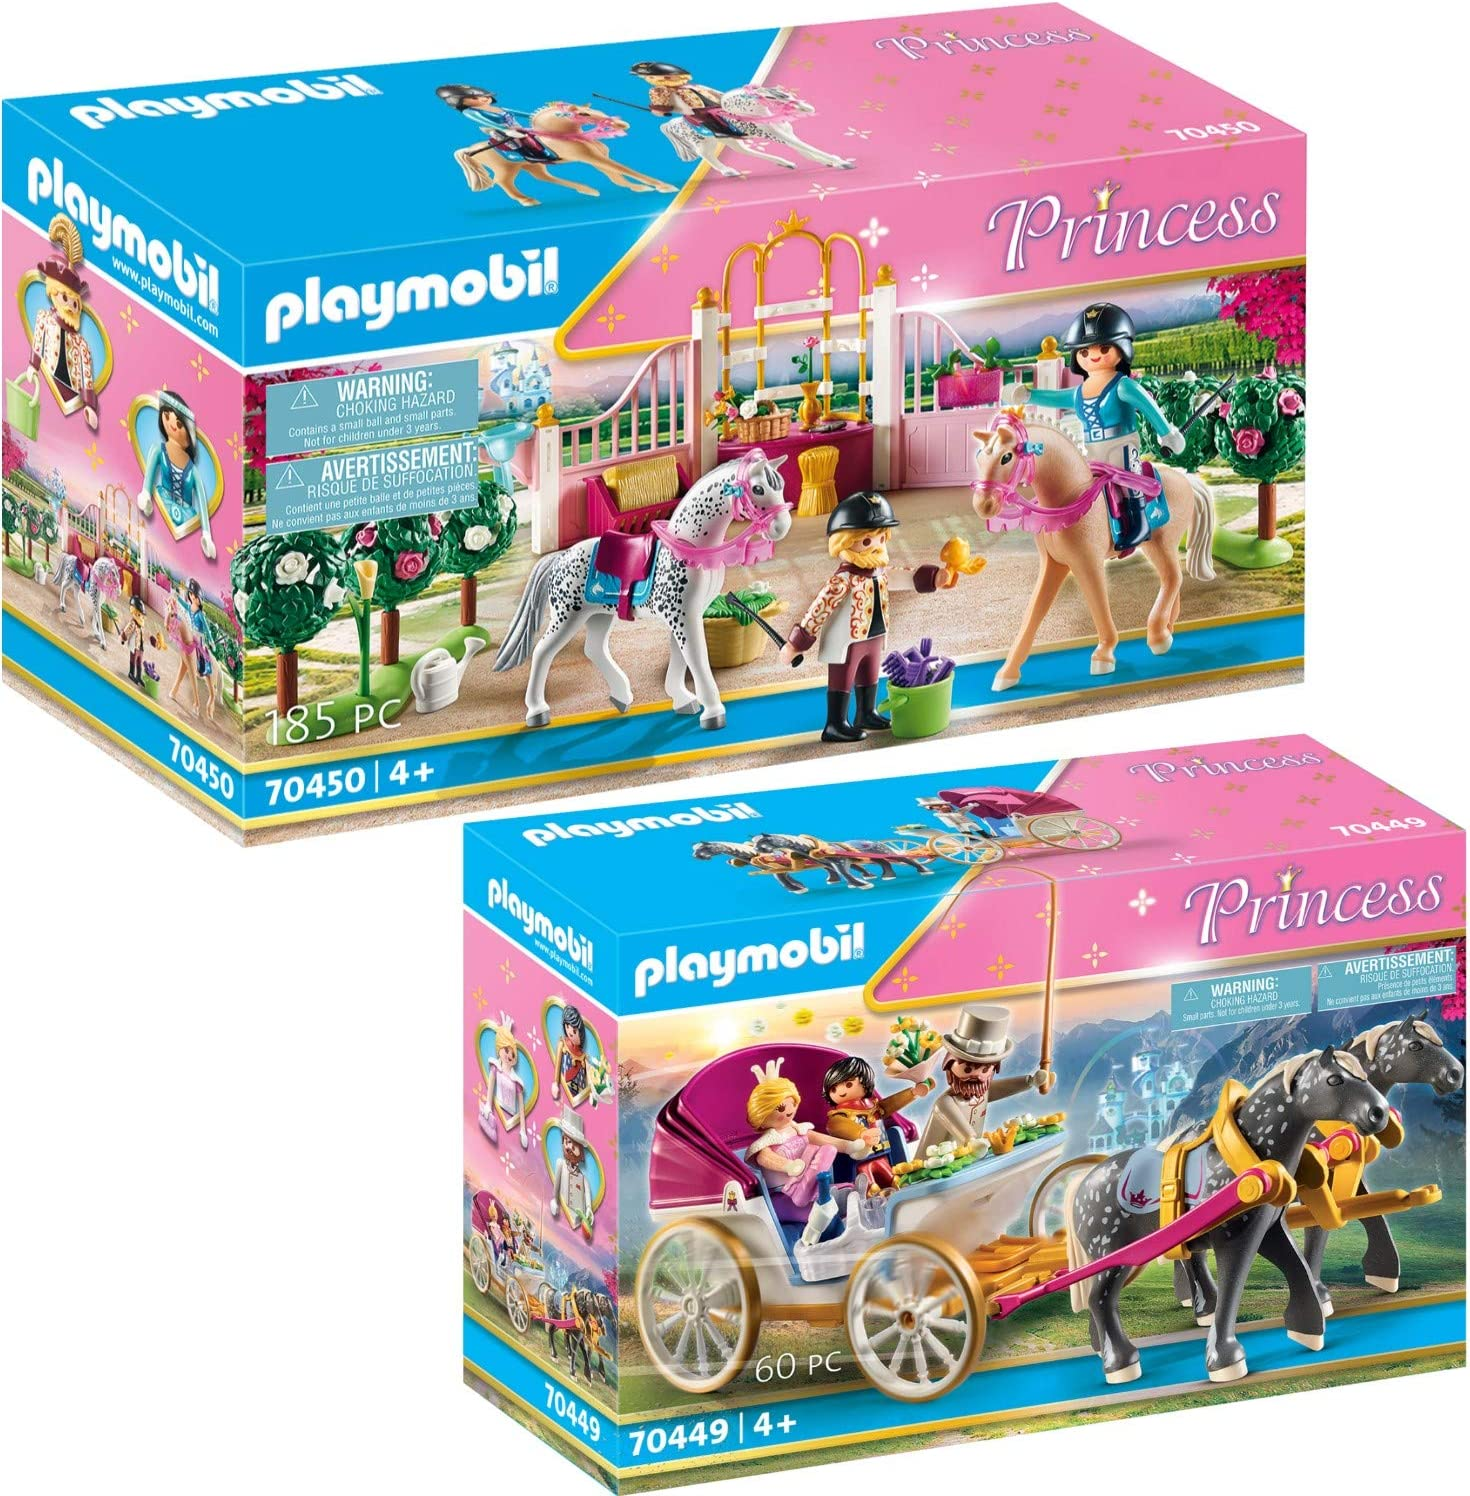 PLAYMOBIL® Princess 70449 70450 - Juego de 2 carruaje romántico de caballos + clases de equitación en el establo para caballos